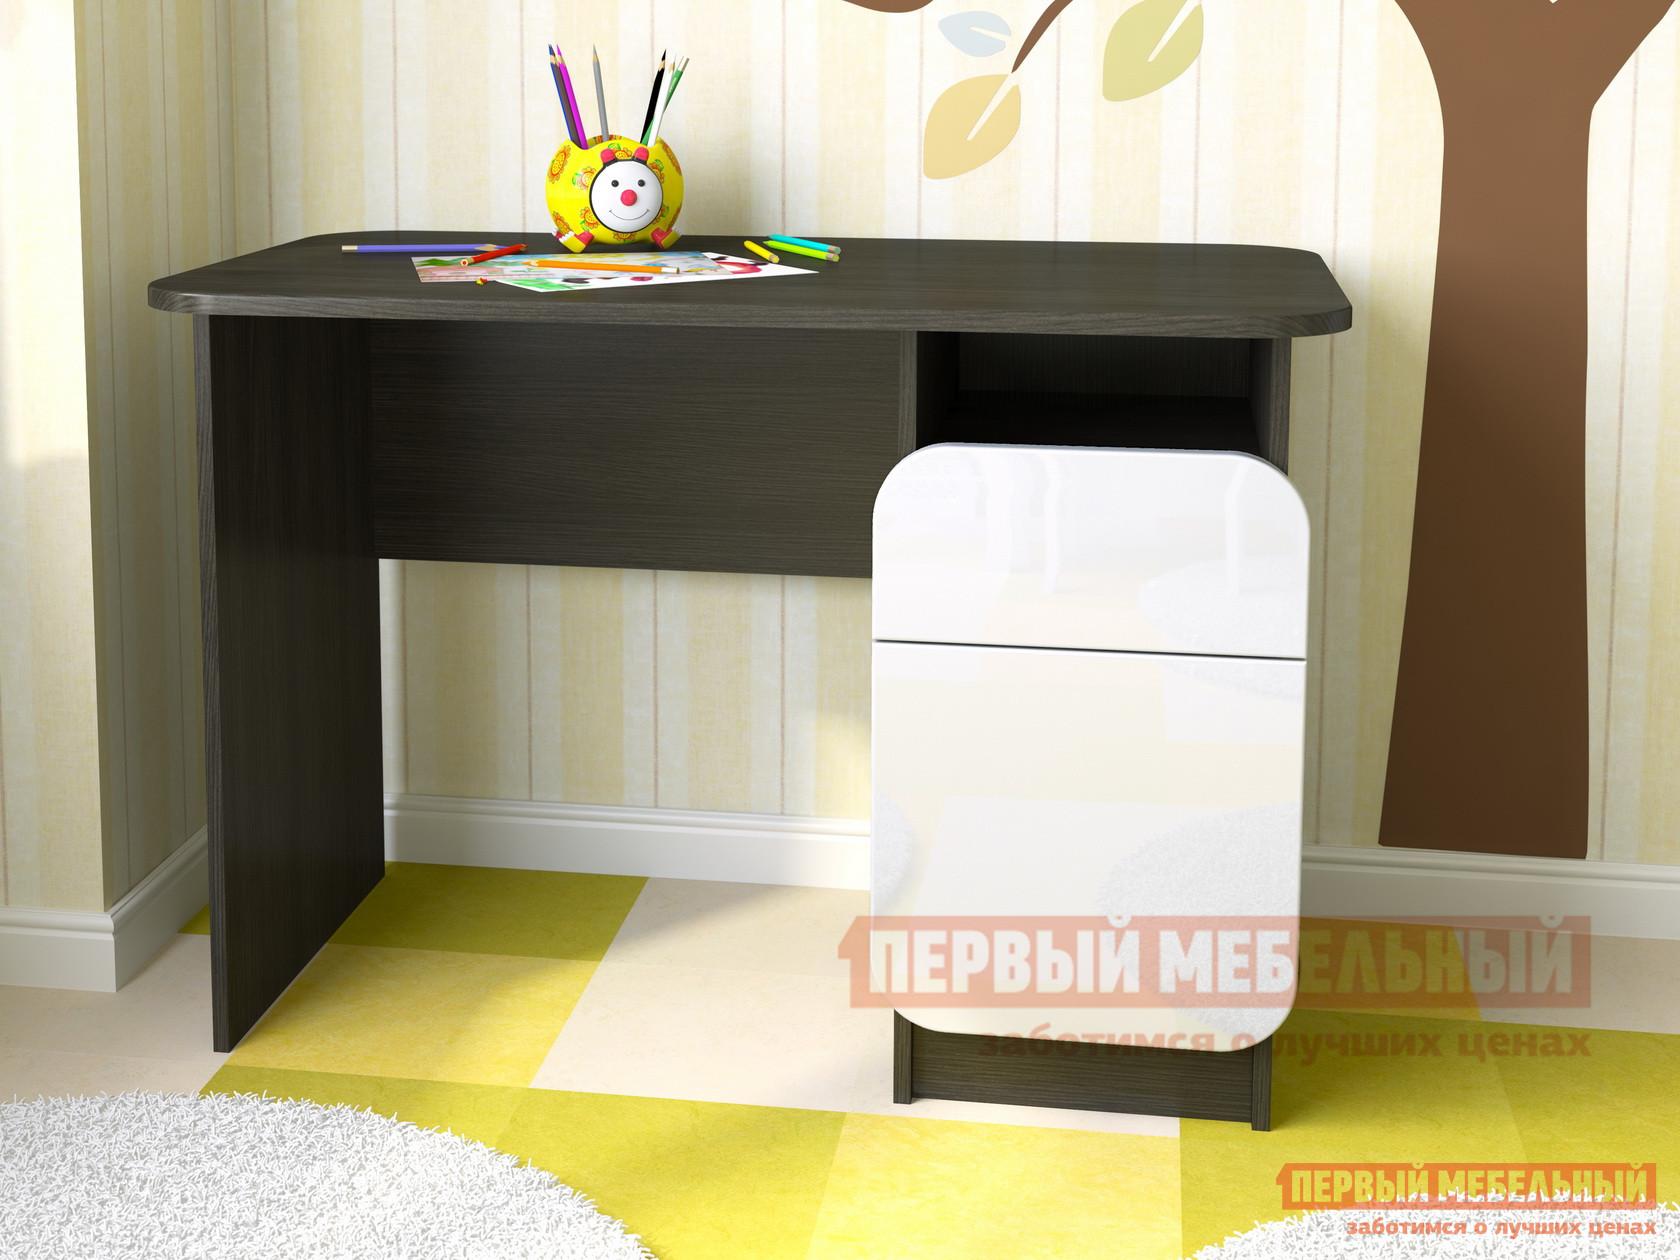 Письменный стол Мебелеф Письменный стол «Мебелеф-7»